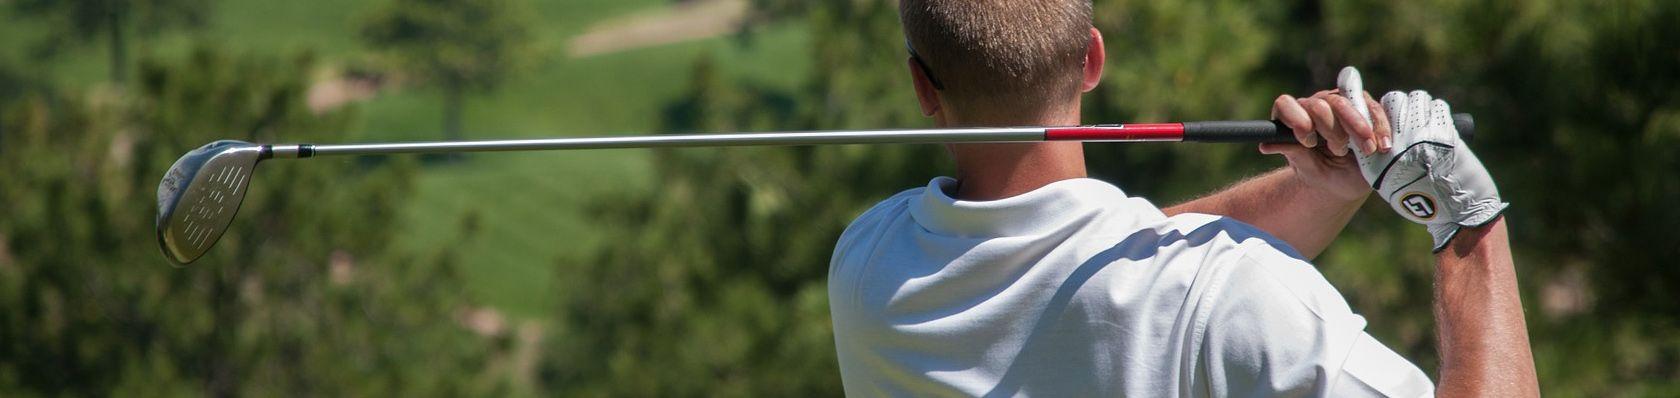 Golfschläger im Test auf ExpertenTesten.de